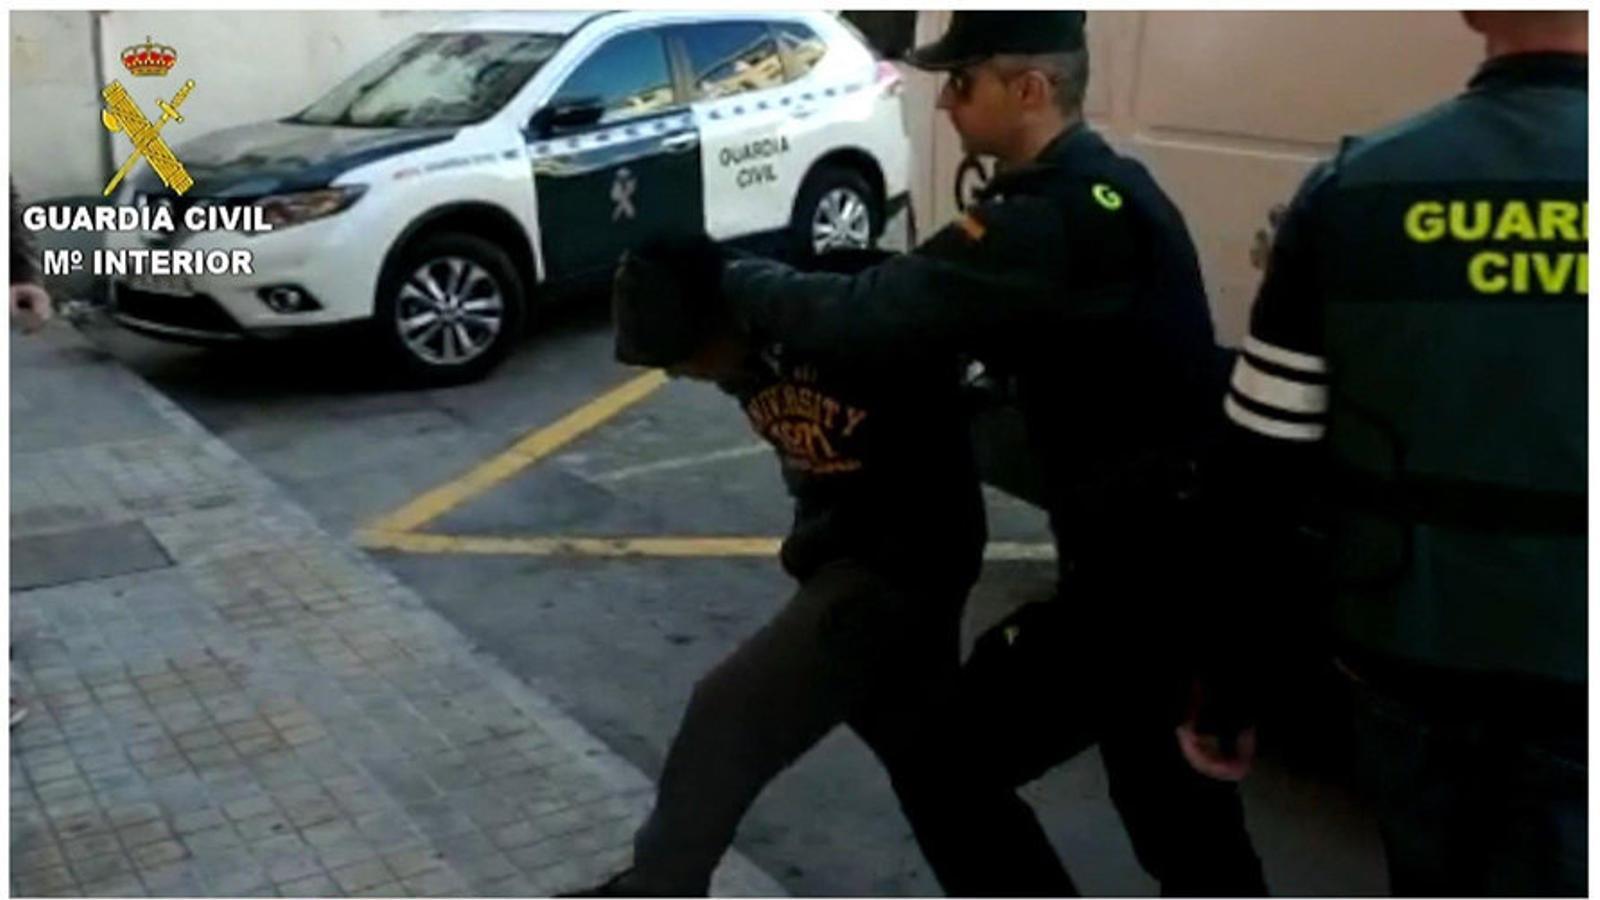 Els detinguts de la violació en grup a Callosa d'en Sarrià també ho van gravar en vídeo